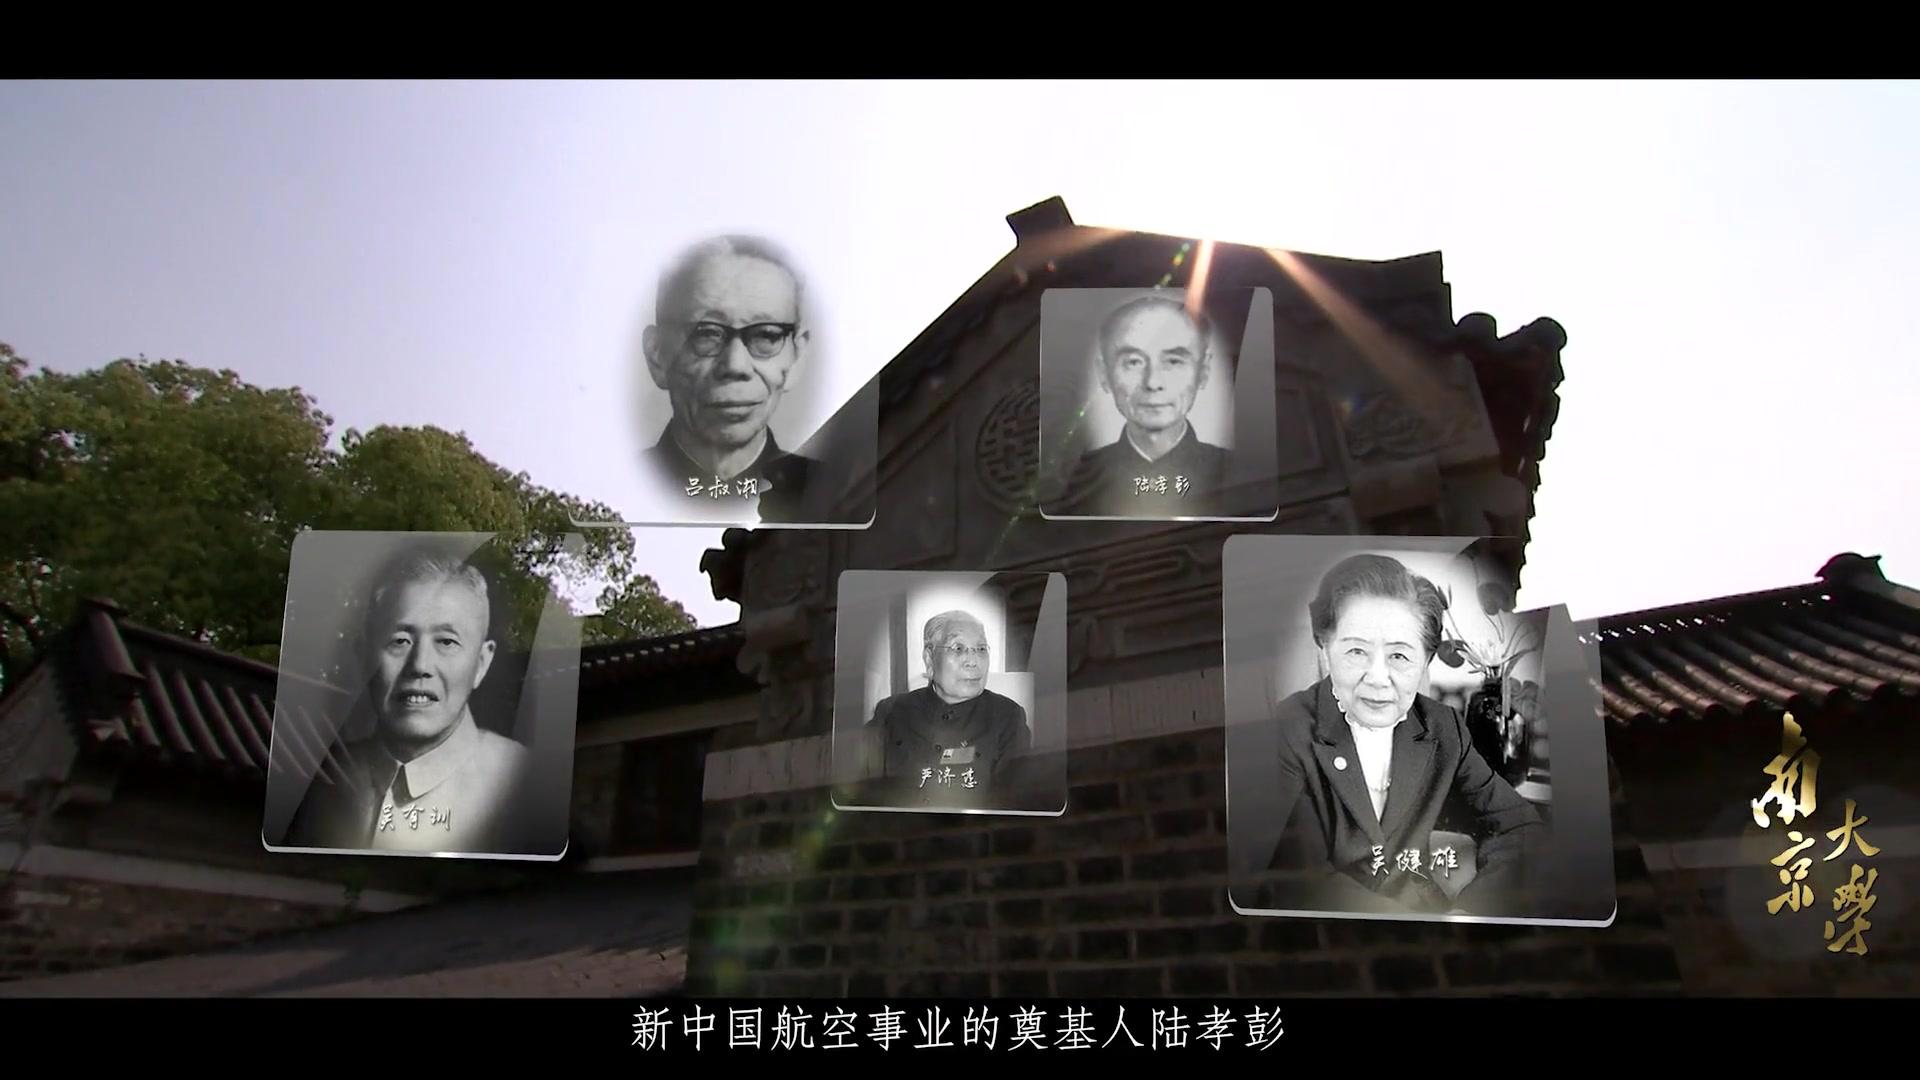 【高校宣传片】南京大学2018年官方宣传片